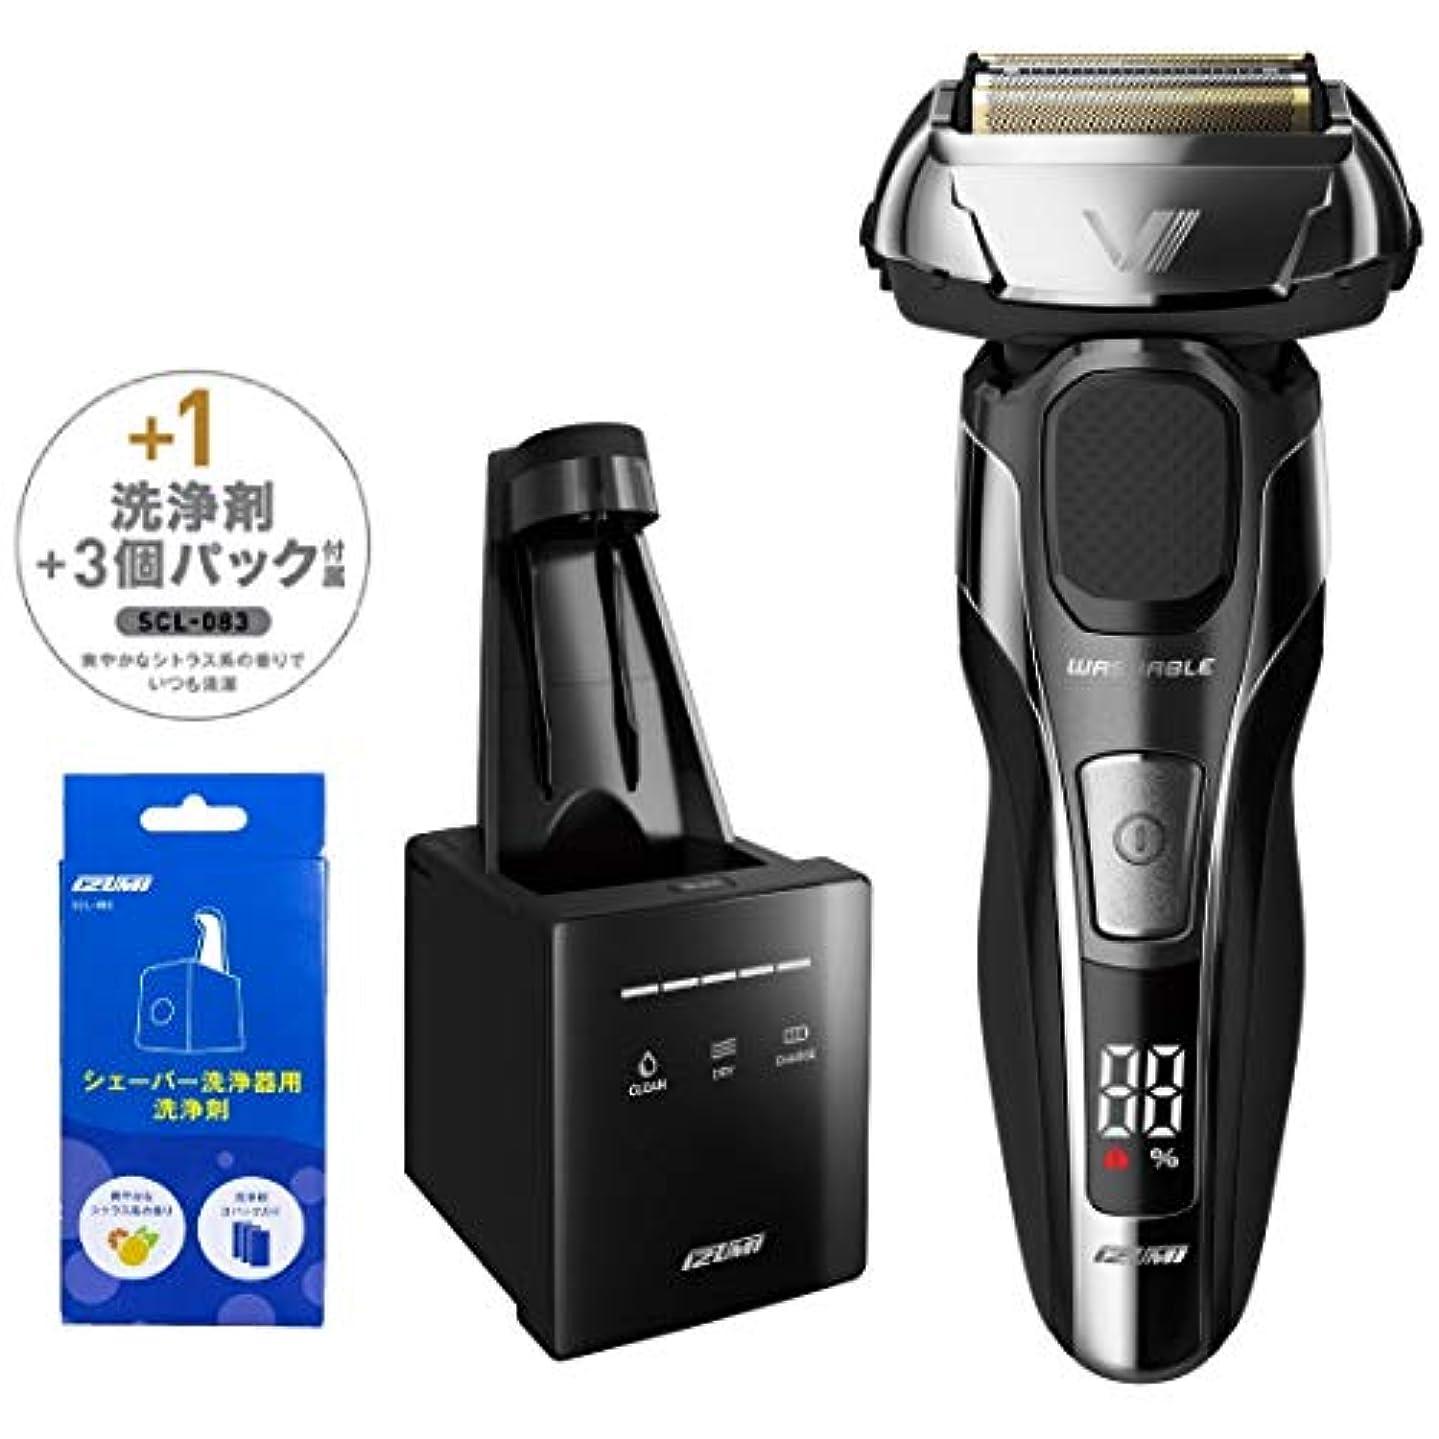 石鹸うなる増幅イズミ 電気シェーバー ハイエンドシリーズ 4枚刃 往復式 日本製 本体丸洗い 音波駆動 シルバー (洗浄剤3個入 SCL-083 1箱付) IZF-V979-S-EA